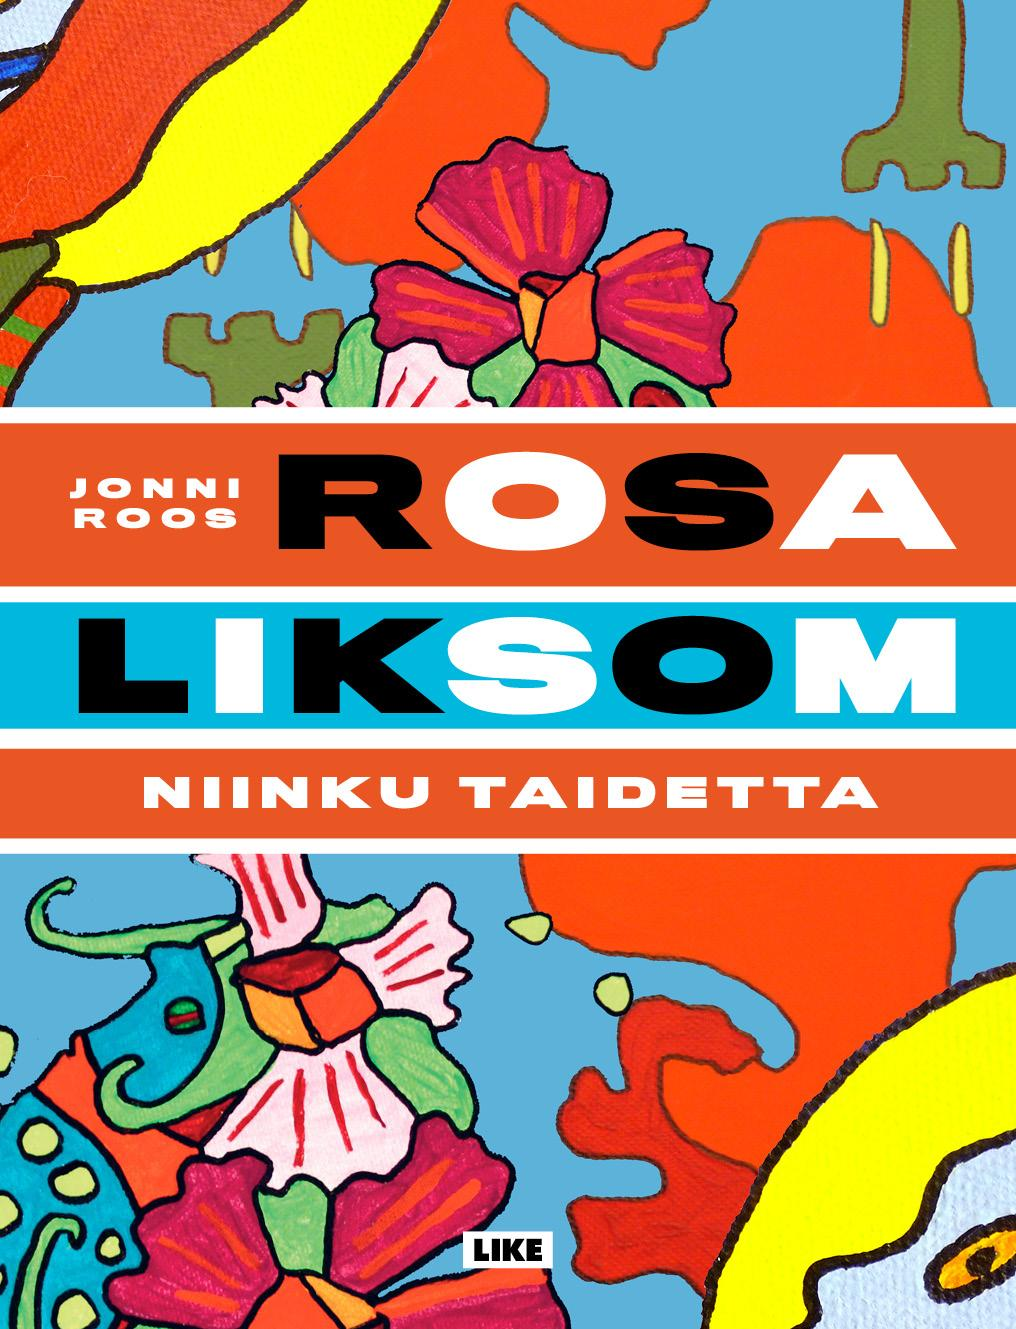 Rosa Liksom, niinku taidetta